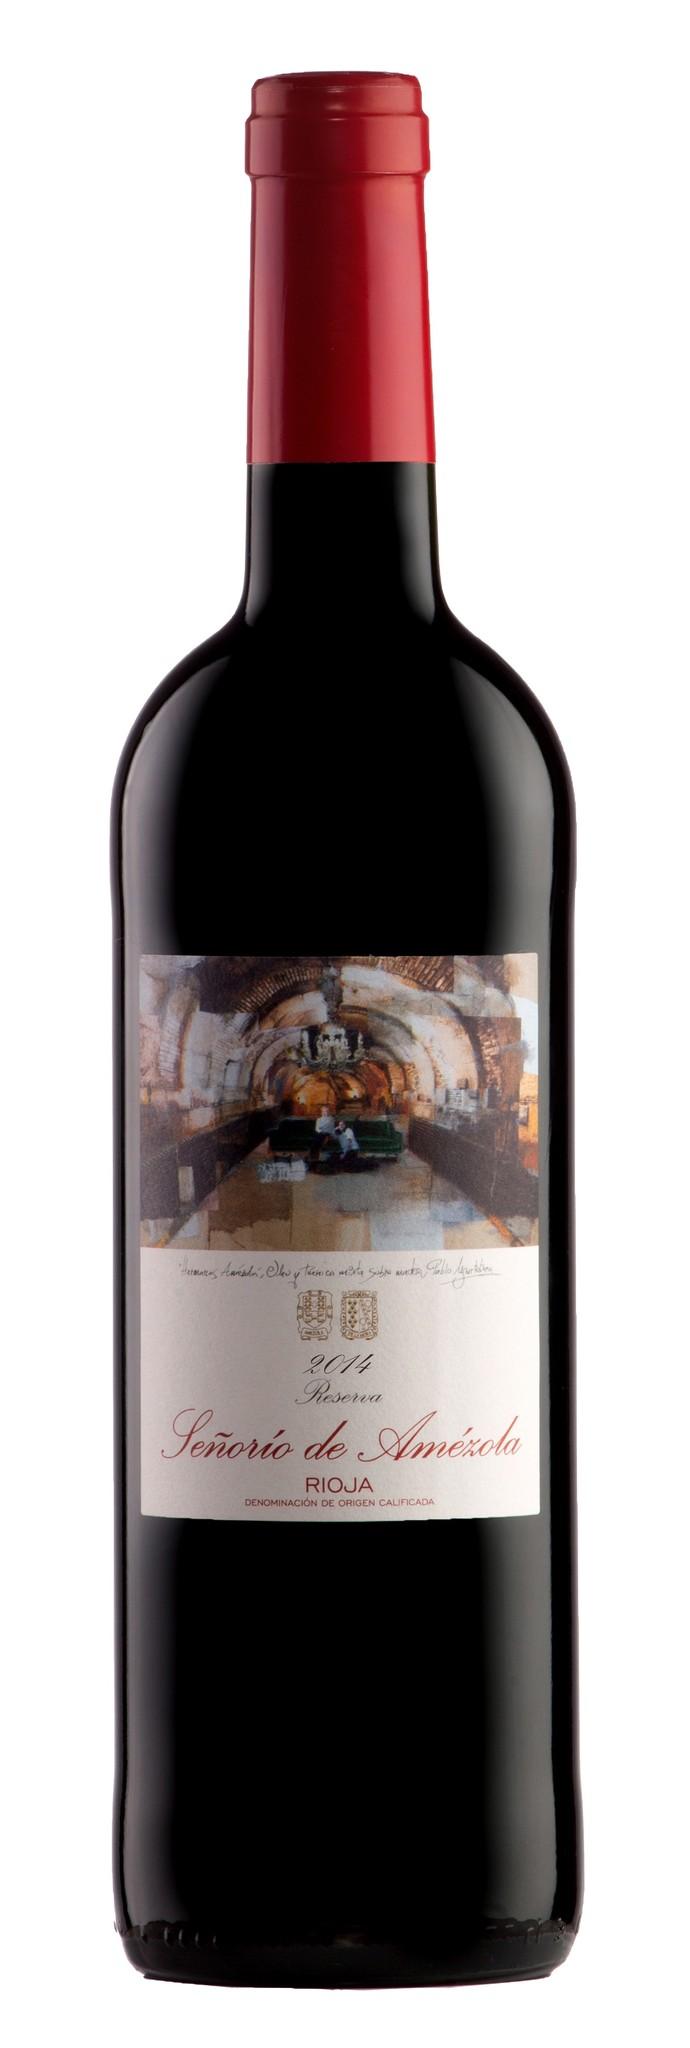 Amézola de la Mora - Rioja 2014 Rioja Reserva DOCa Señorio Amézola, Amézola de la Mora